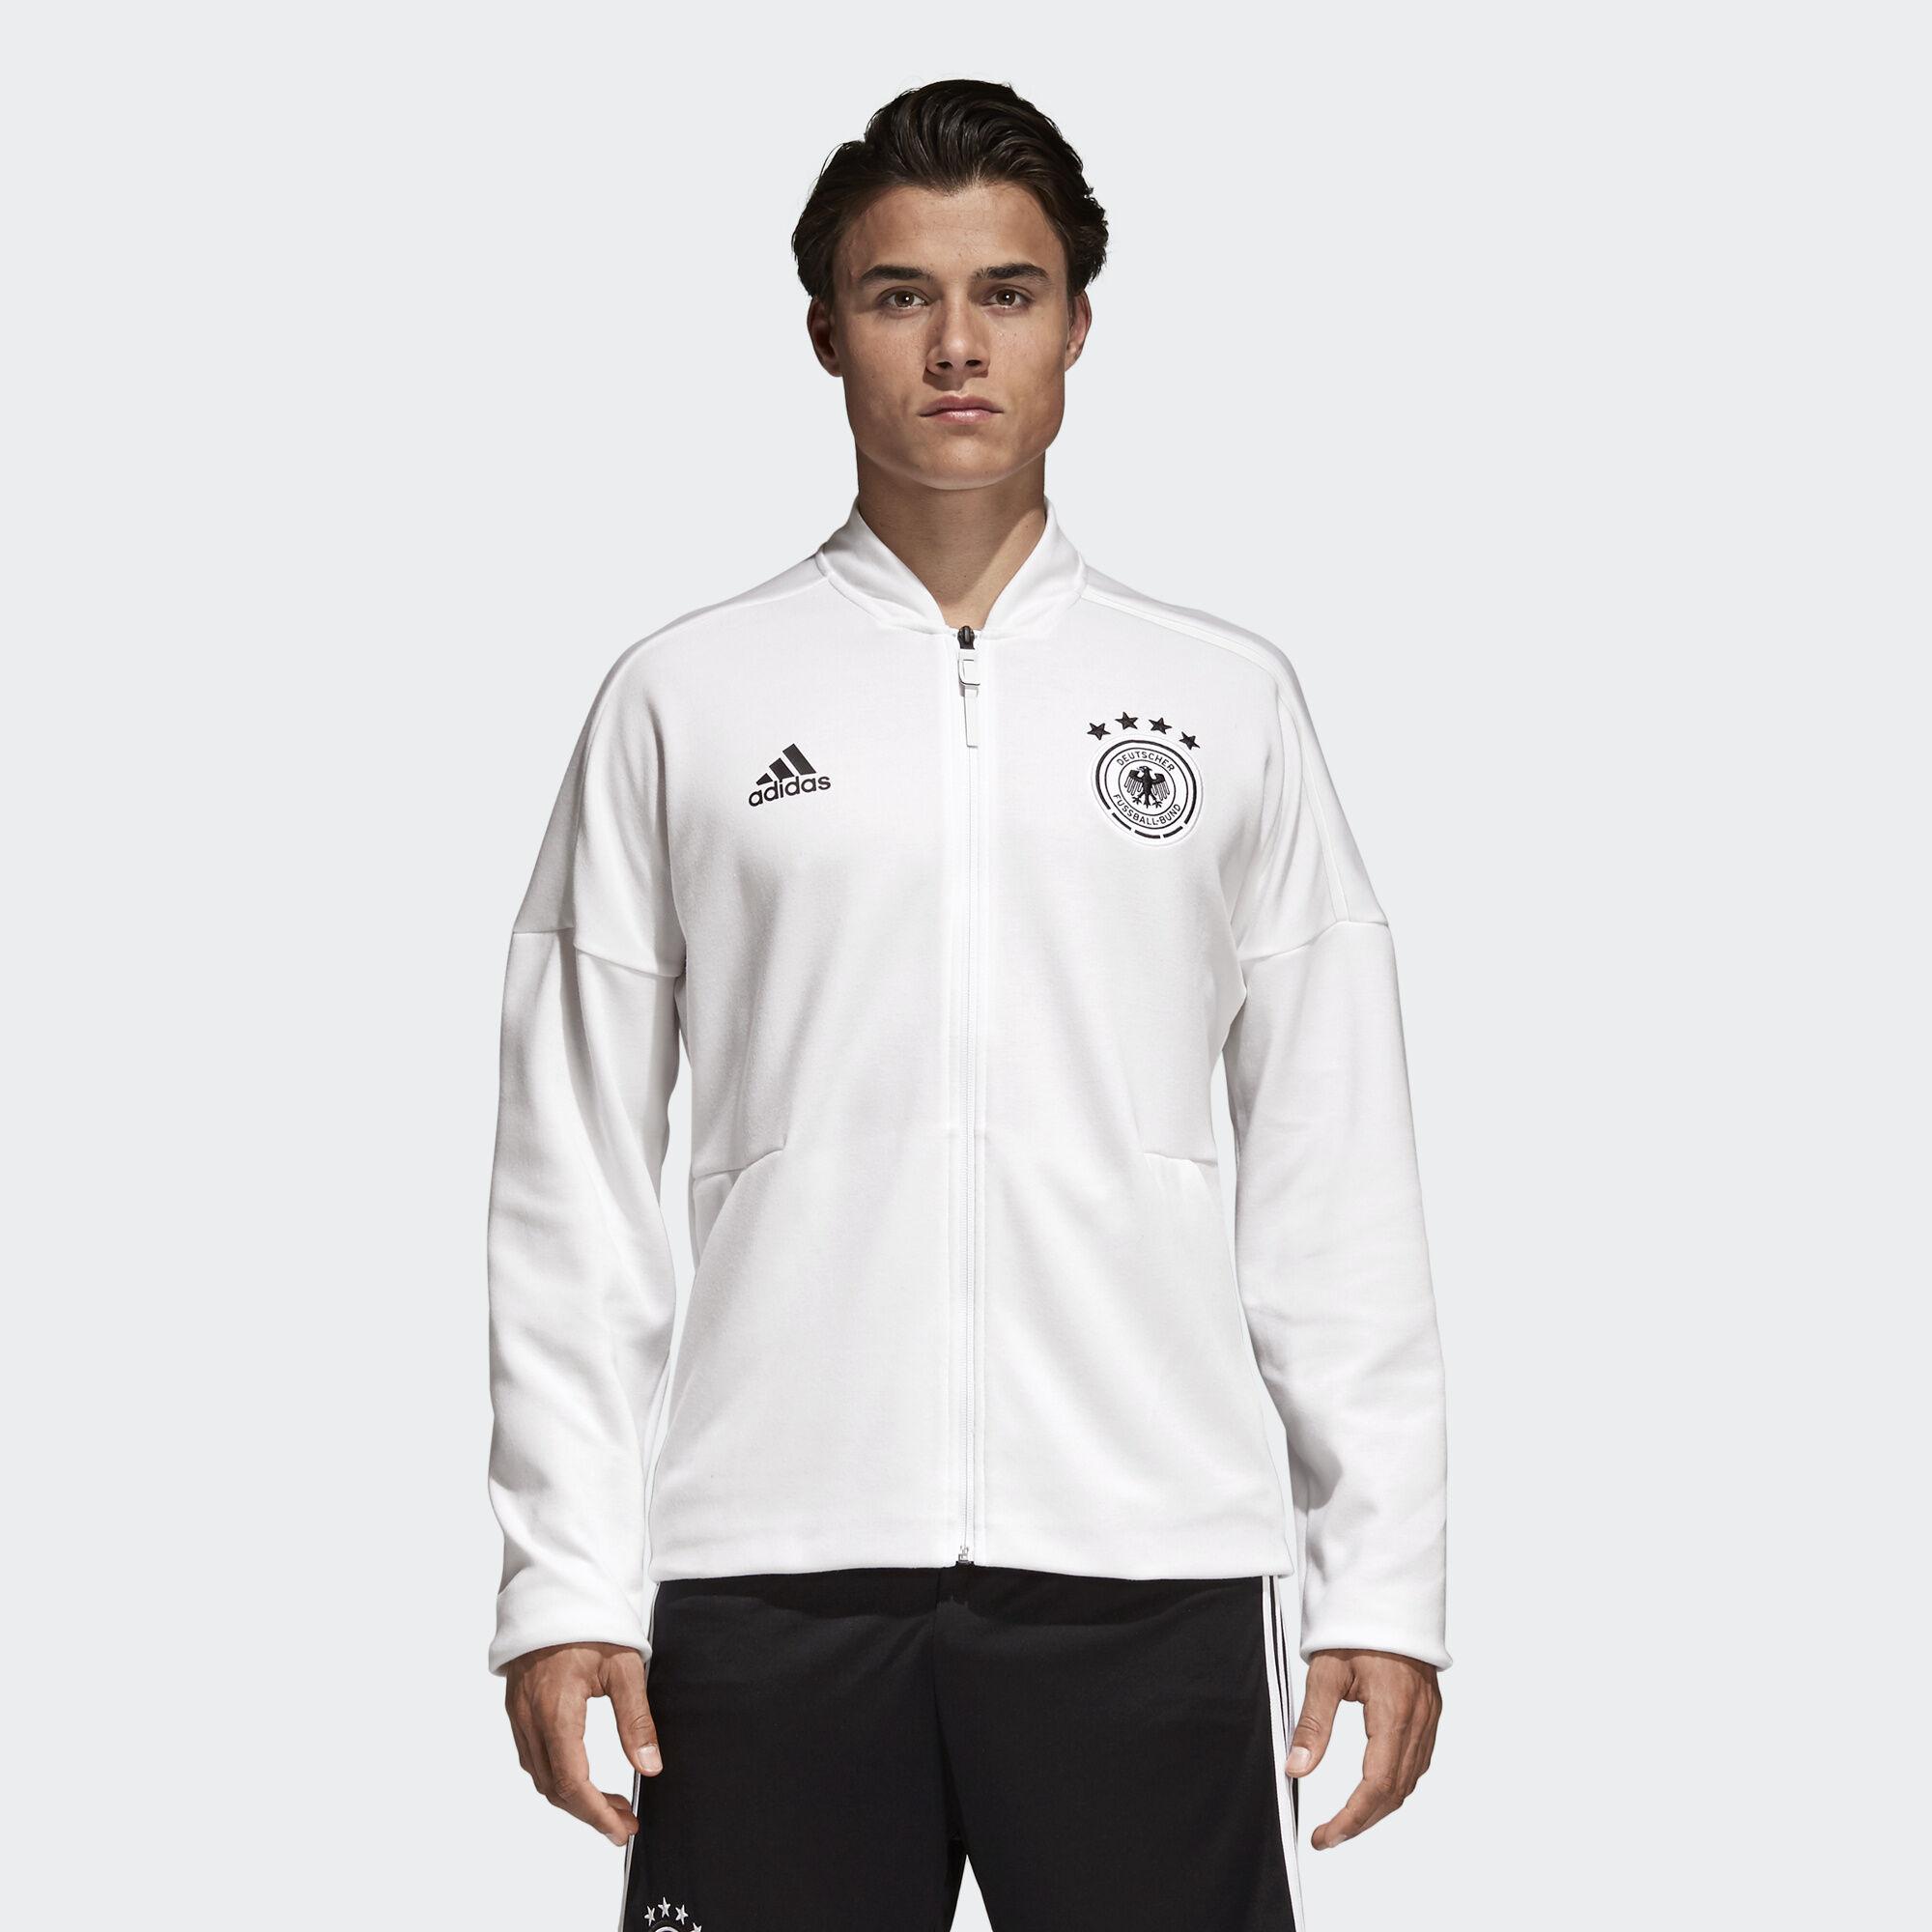 adidas - Germany adidas Z.N.E. Jacket White CF2452